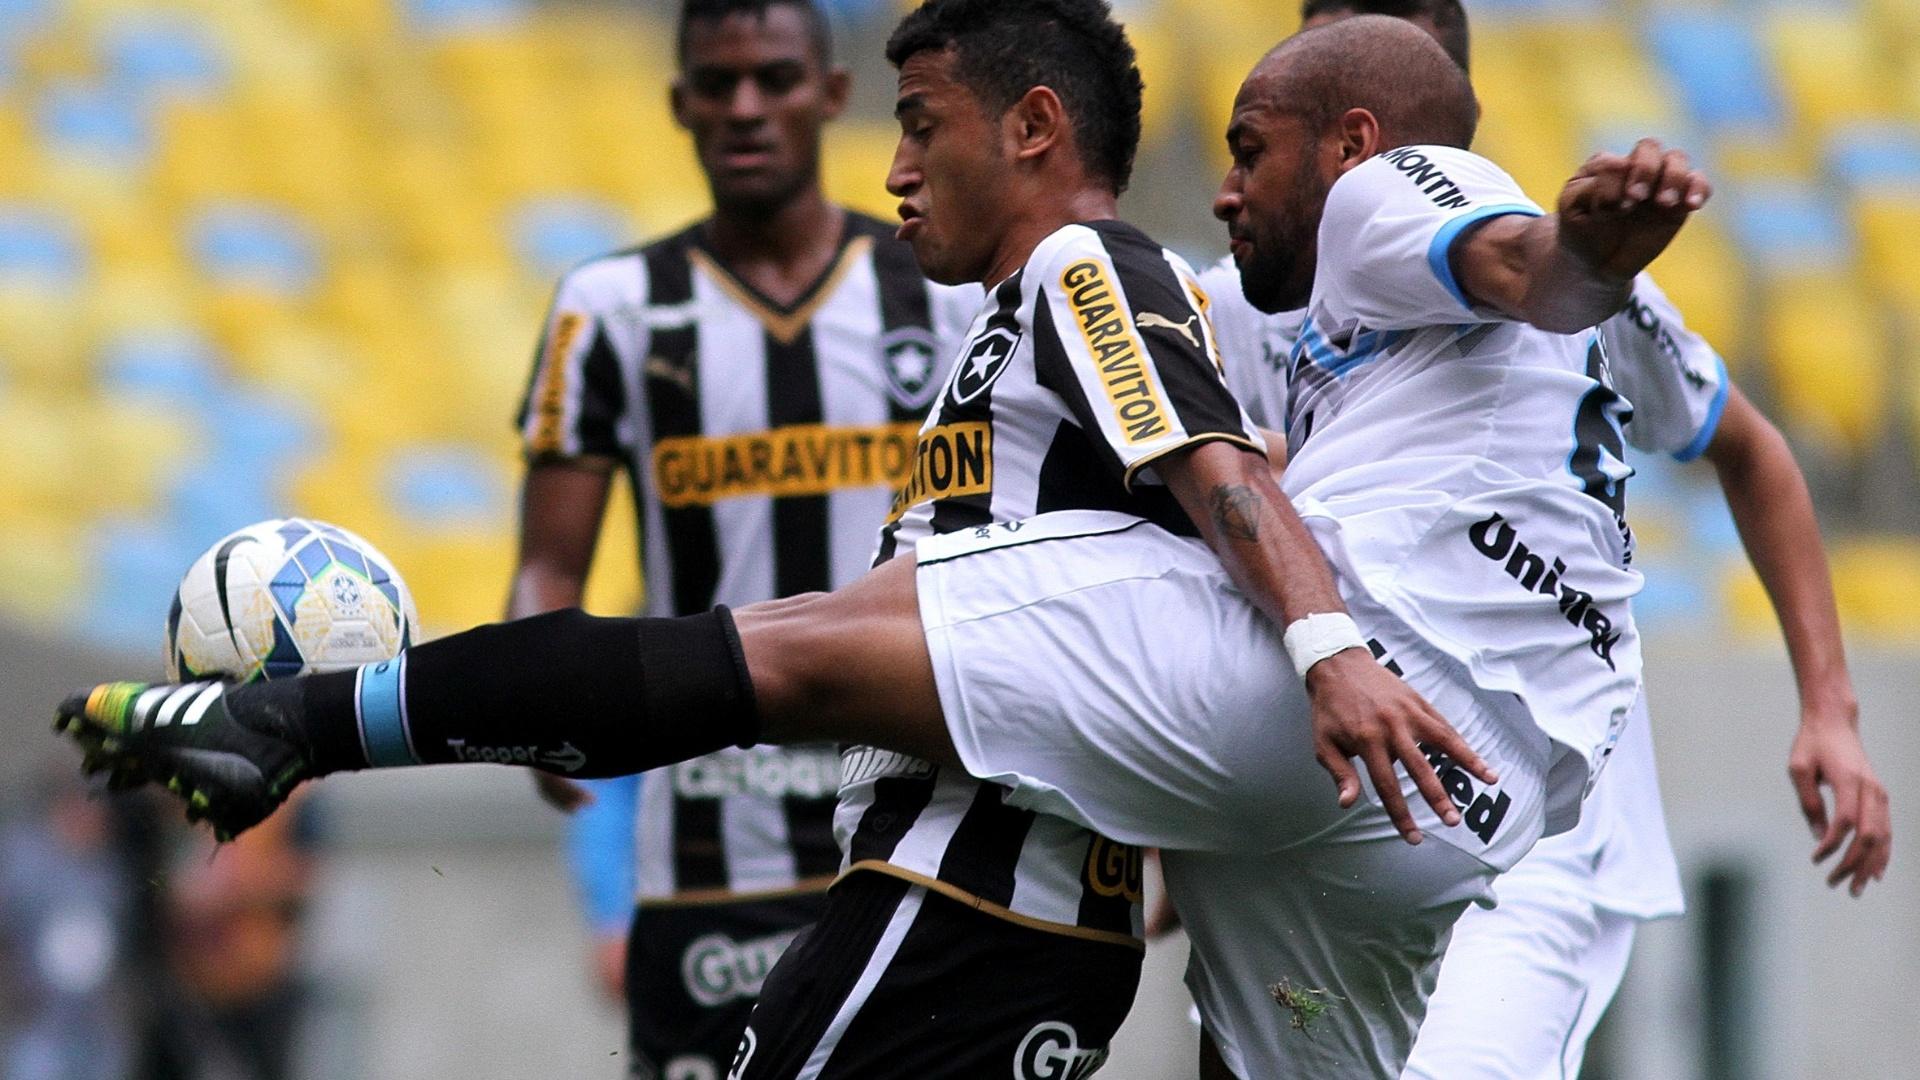 Rogério usa o corpo para evitar a marcação de Fellipe Bastos durante jogo entre Botafogo e Grêmio no Maracanã